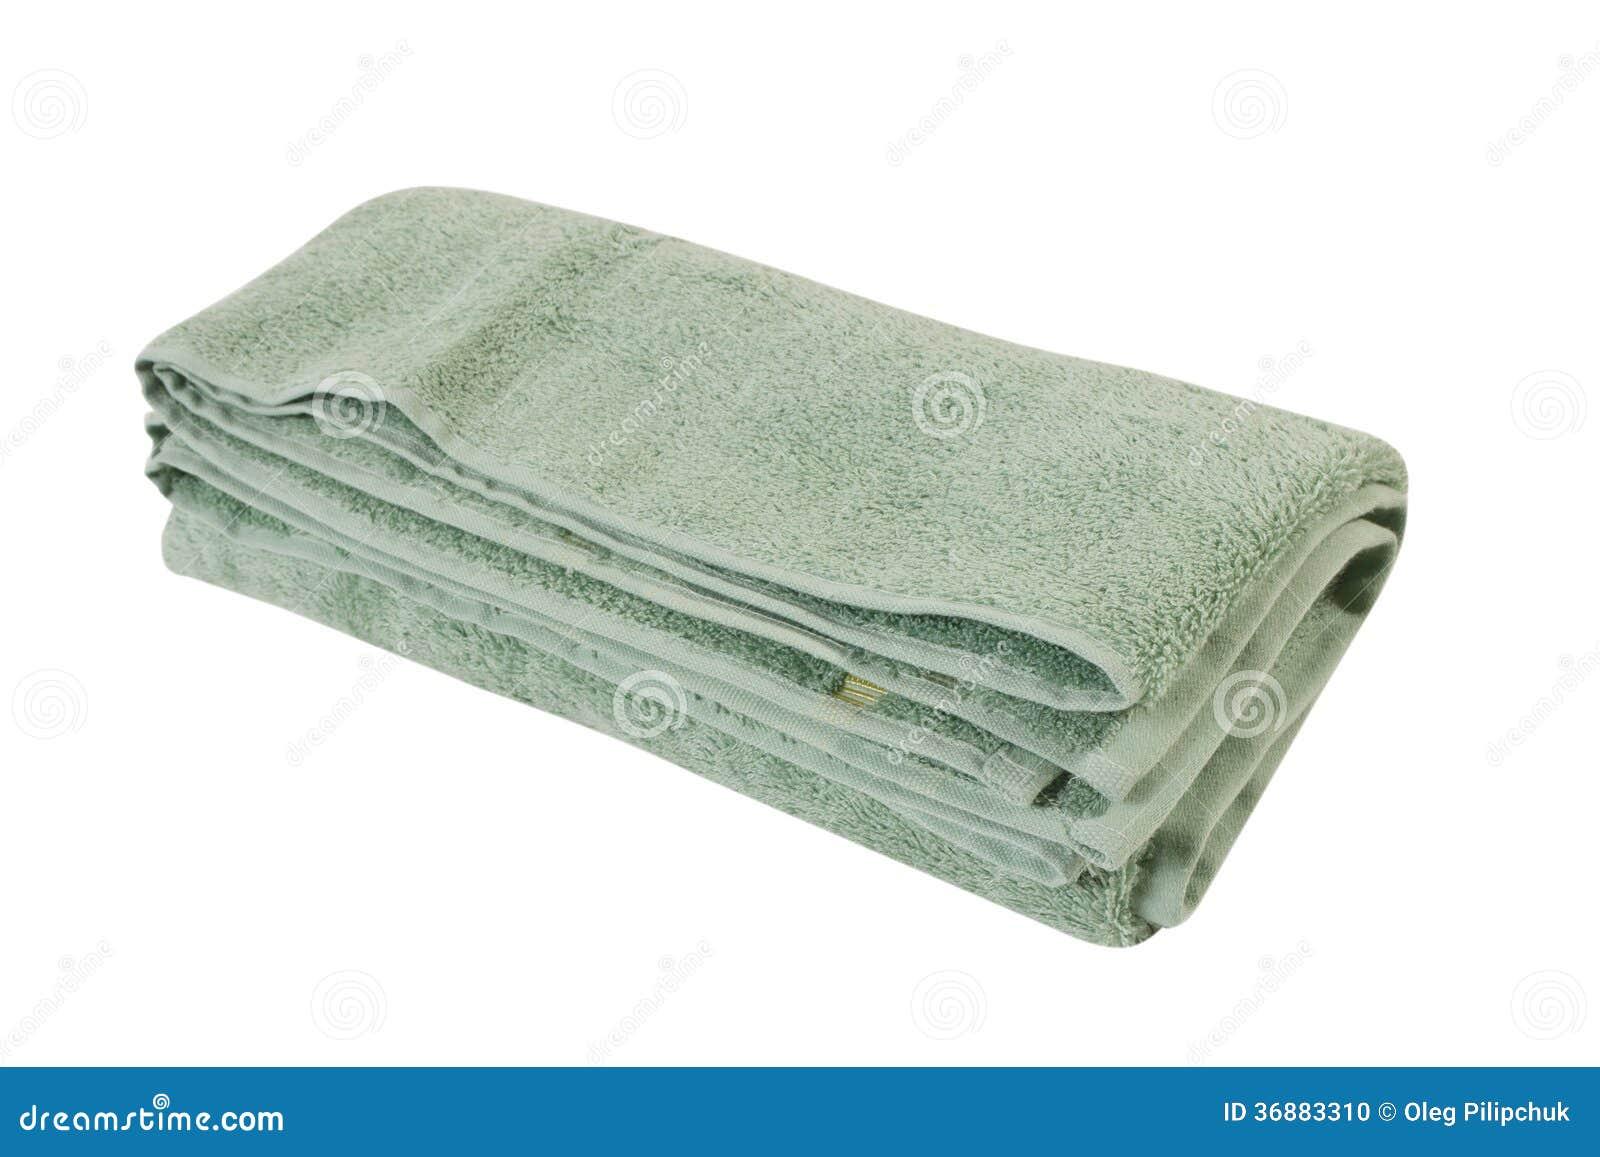 Download Asciugamano su bianco fotografia stock. Immagine di modello - 36883310